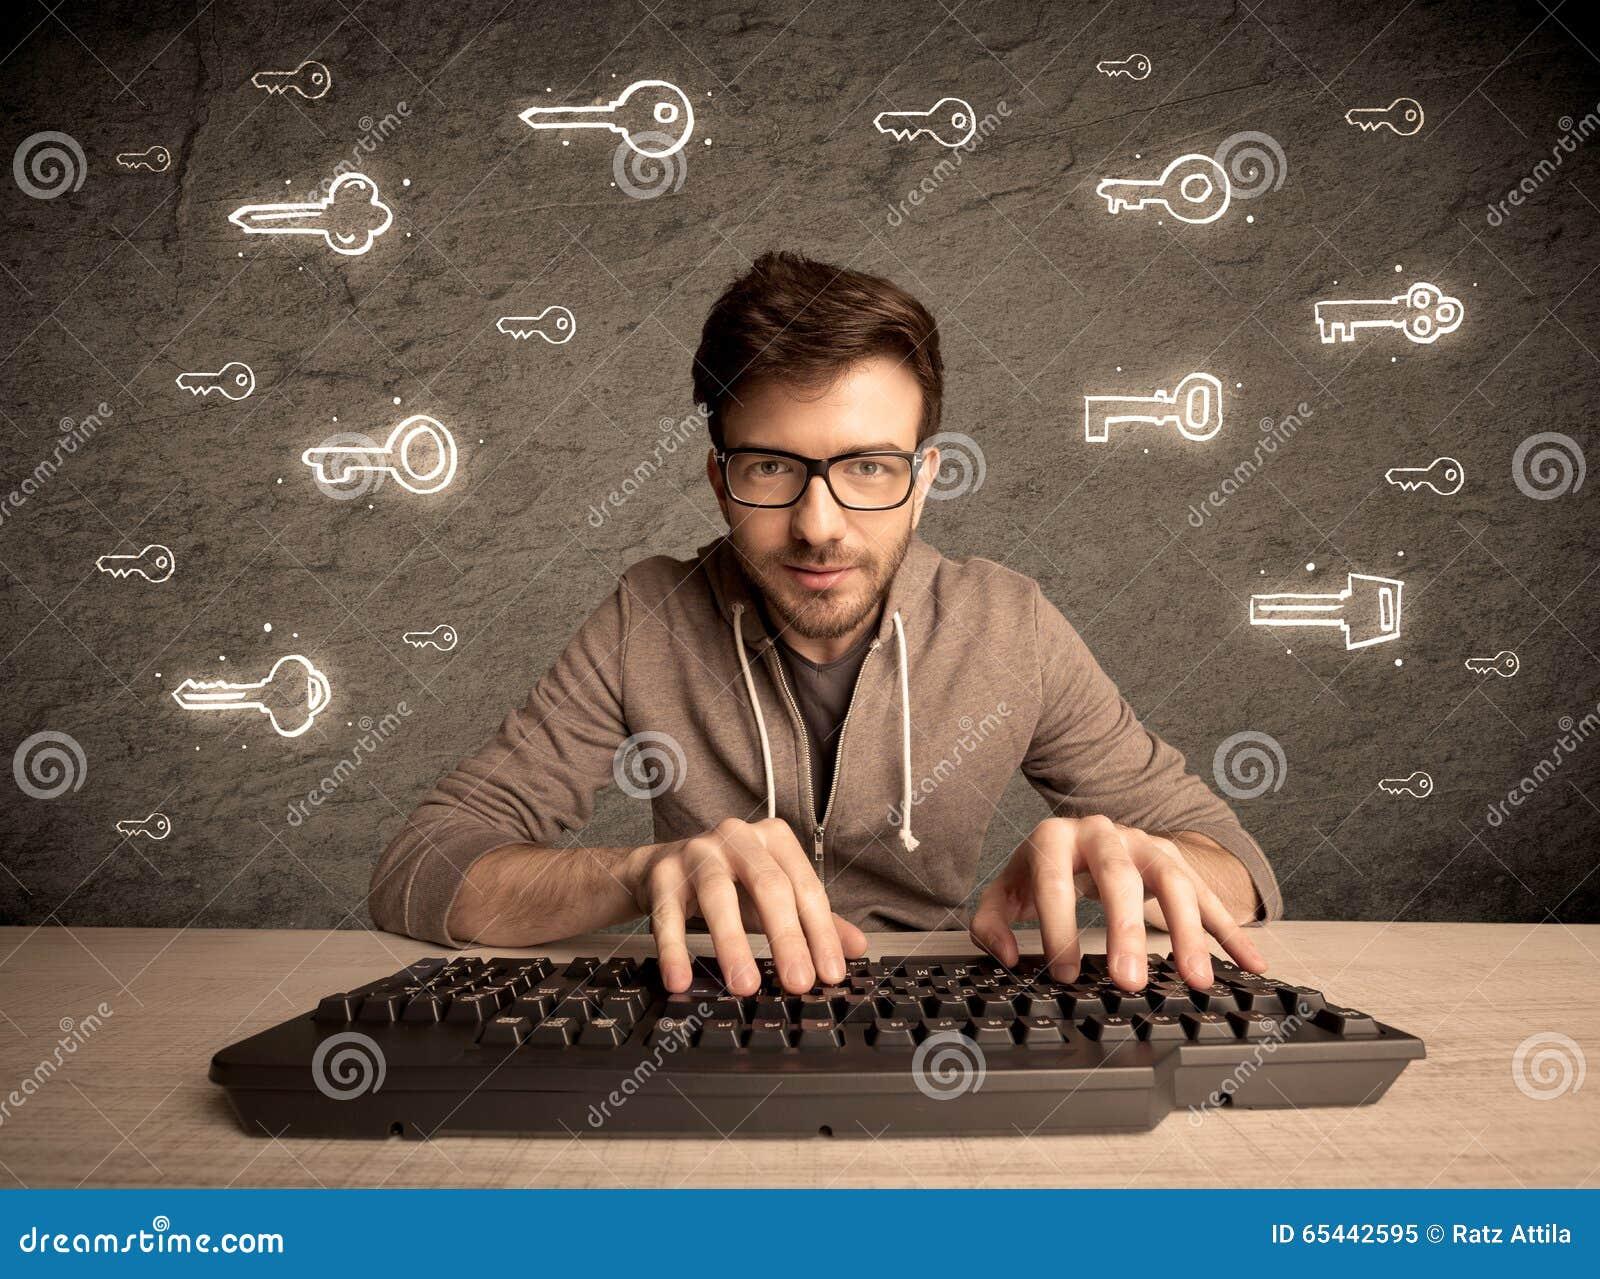 מגזין אופניים - פורום מגזין אופניים - נושאים: face geek hacker